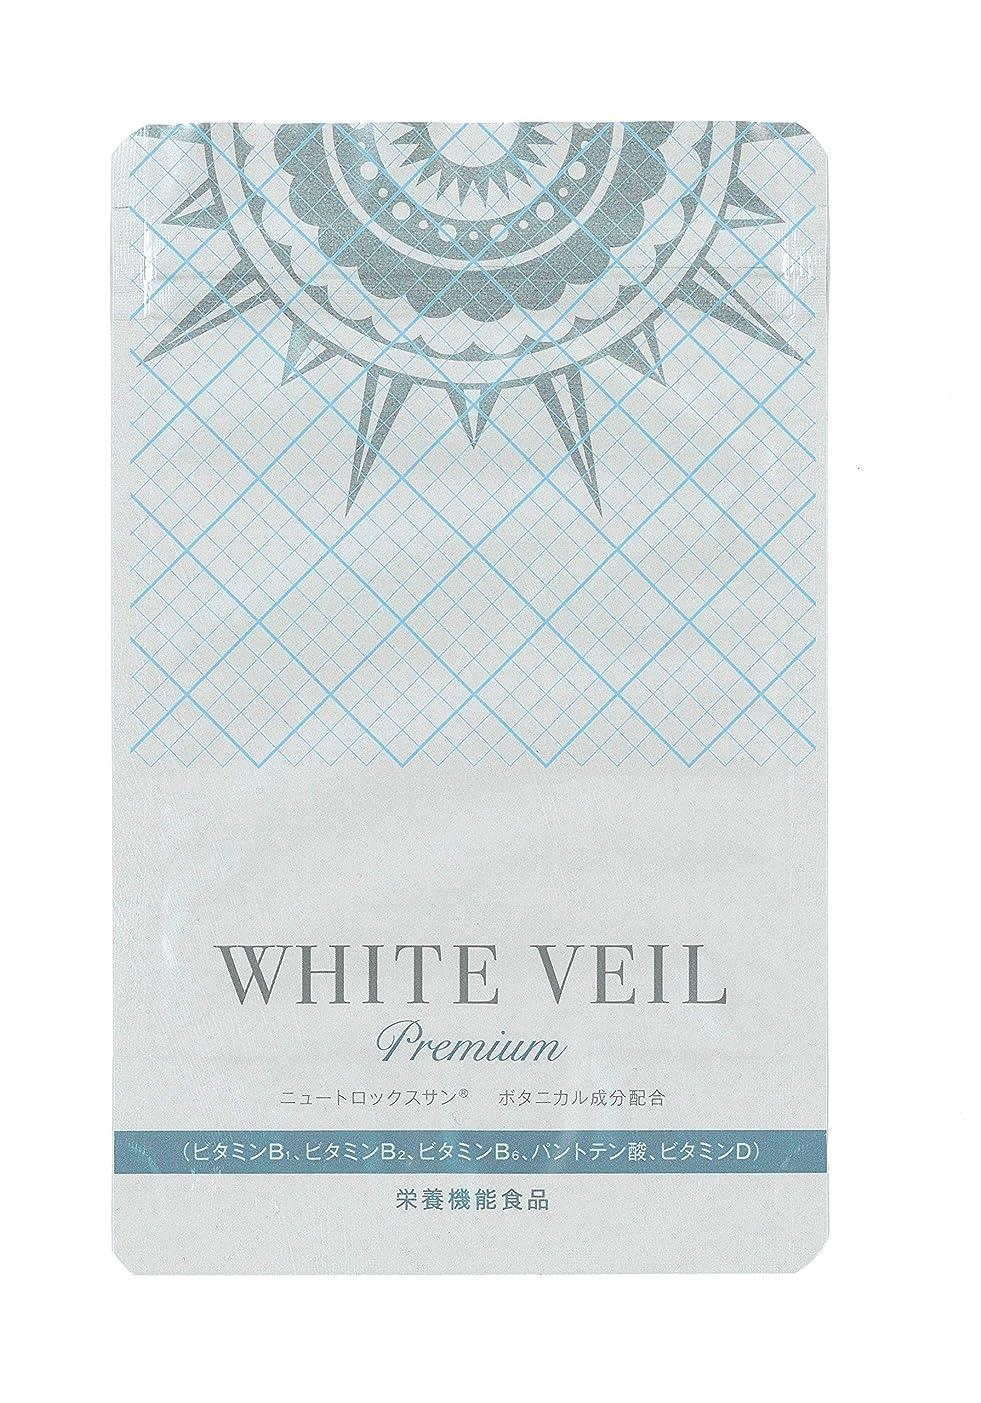 うぬぼれたフロンティア故意のキラリズム 太陽に負けないサプリ WHITE VEIL ホワイトヴェールプレミアム (2019年)